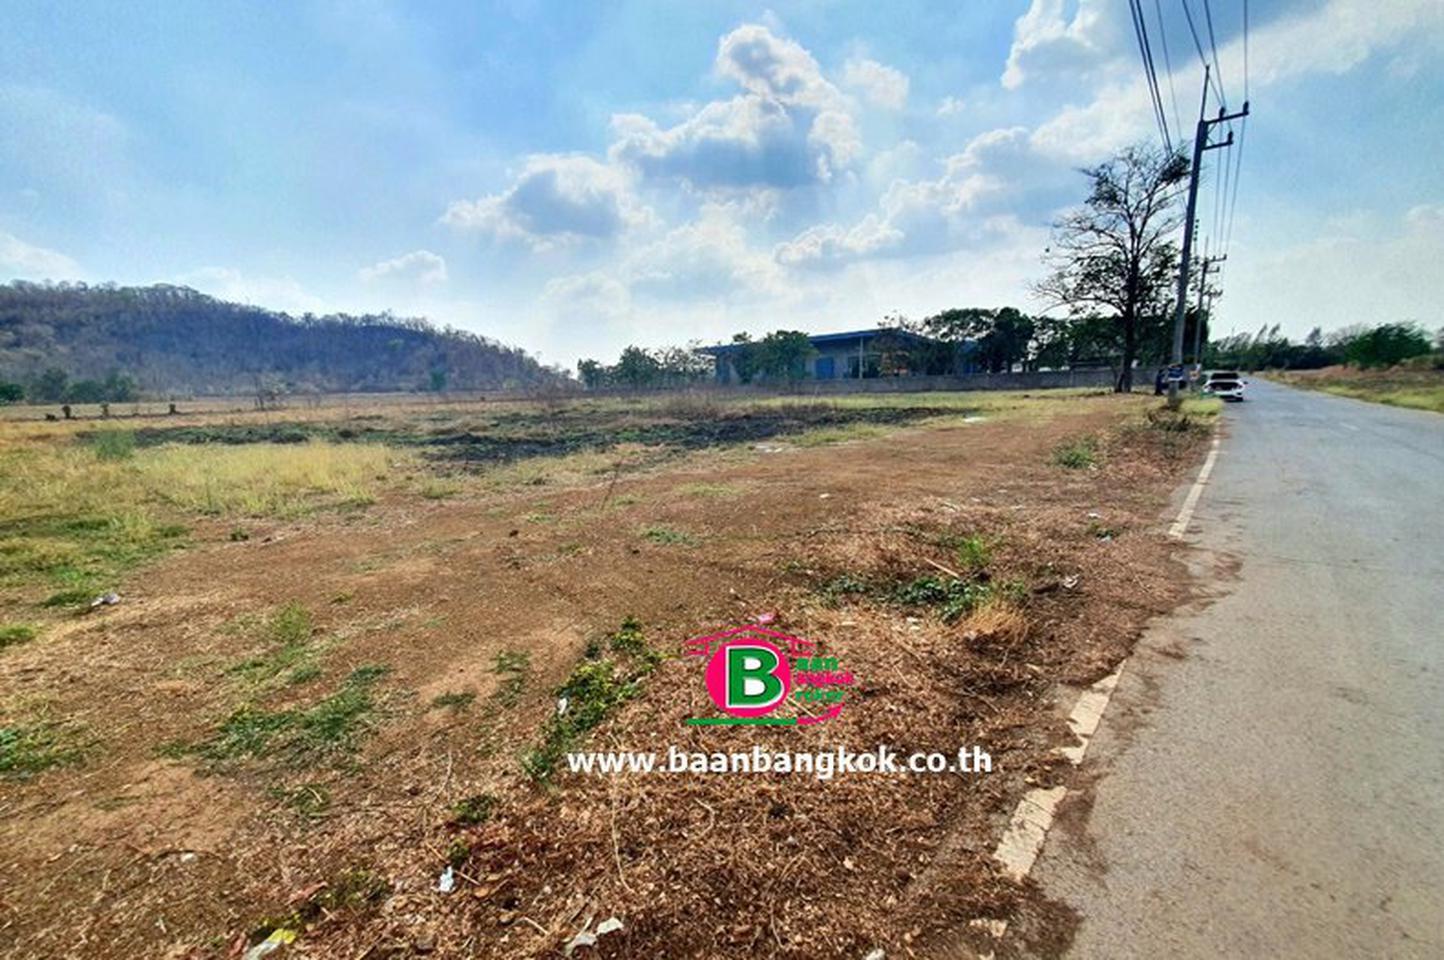 ที่ดินเปล่า 5-1-37 ไร่ แก่งคอย สระบุรี หน้ากว้างประมาณ 86 M x 100 M เป็นพื้นที่สีเขียว ทำโรงงานที่เกี่ยวข้องกับการเกษตร รูปที่ 2